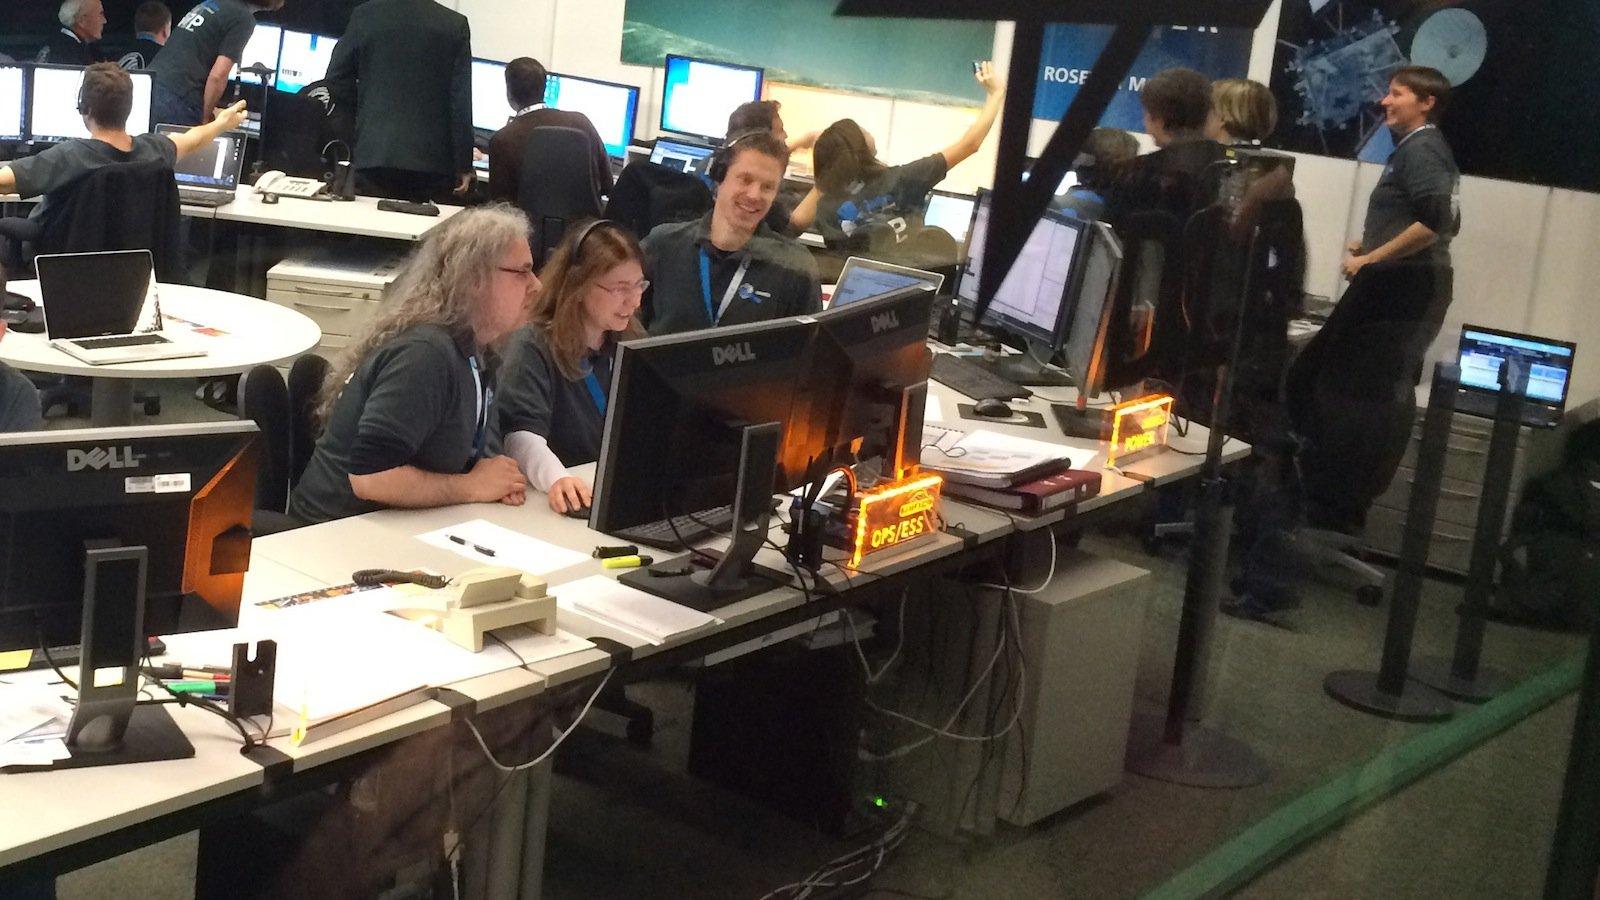 Jubel beim Team im Lander Control Center (LCC) des DLR, das den Lander steuert und betreibt, als die Bestätigung der Landung von Philaeauf dem Kometen 67P eintrifft.